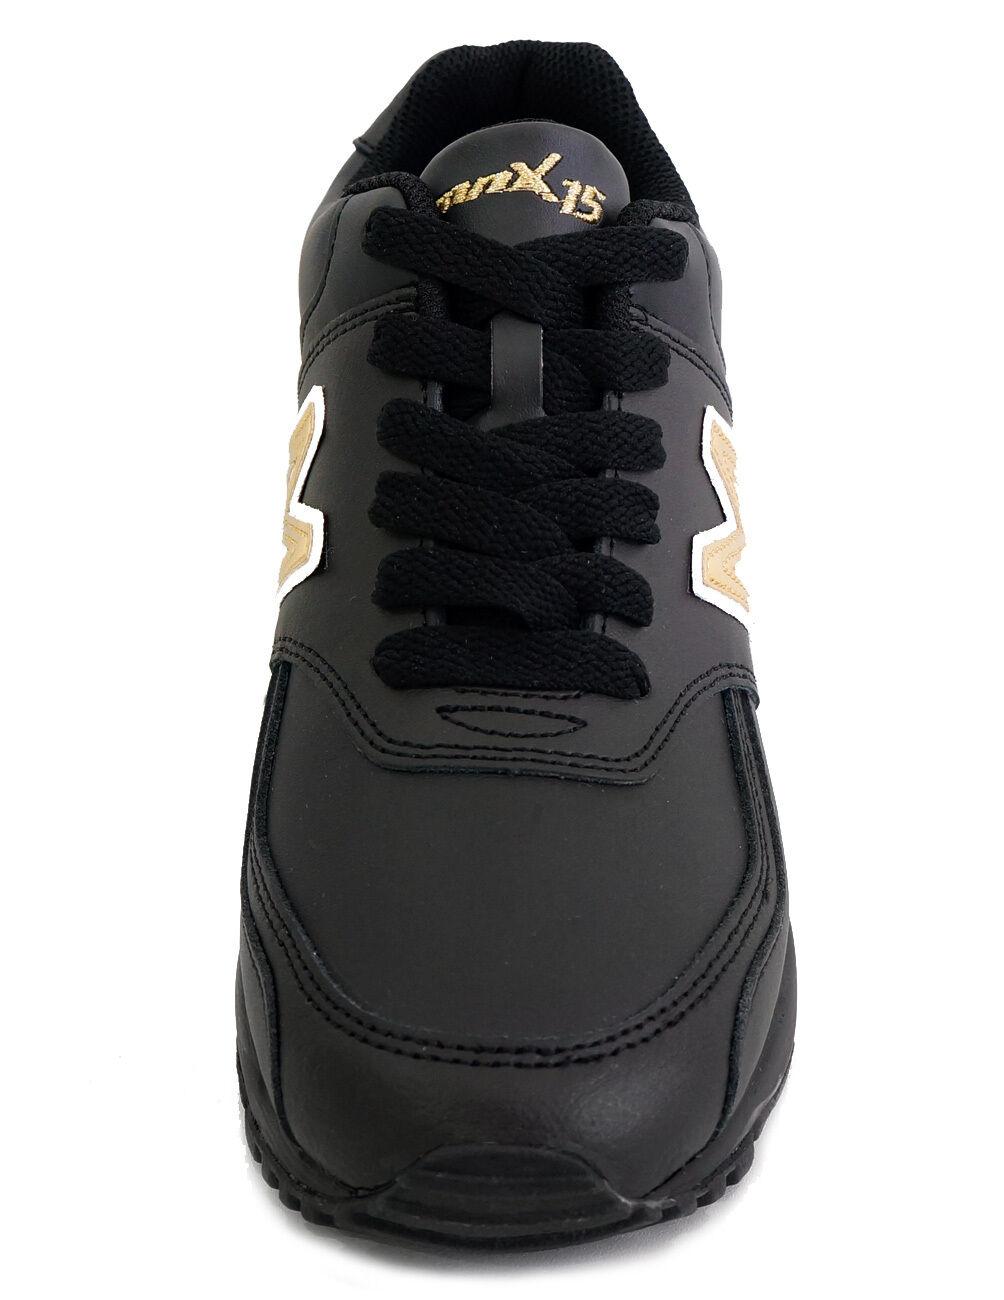 MNX15 Mujer Para Mujer MNX15 Zapatos Elevador Aron Negro Altura aumento 10cm por Fedex envío rápido 10f383